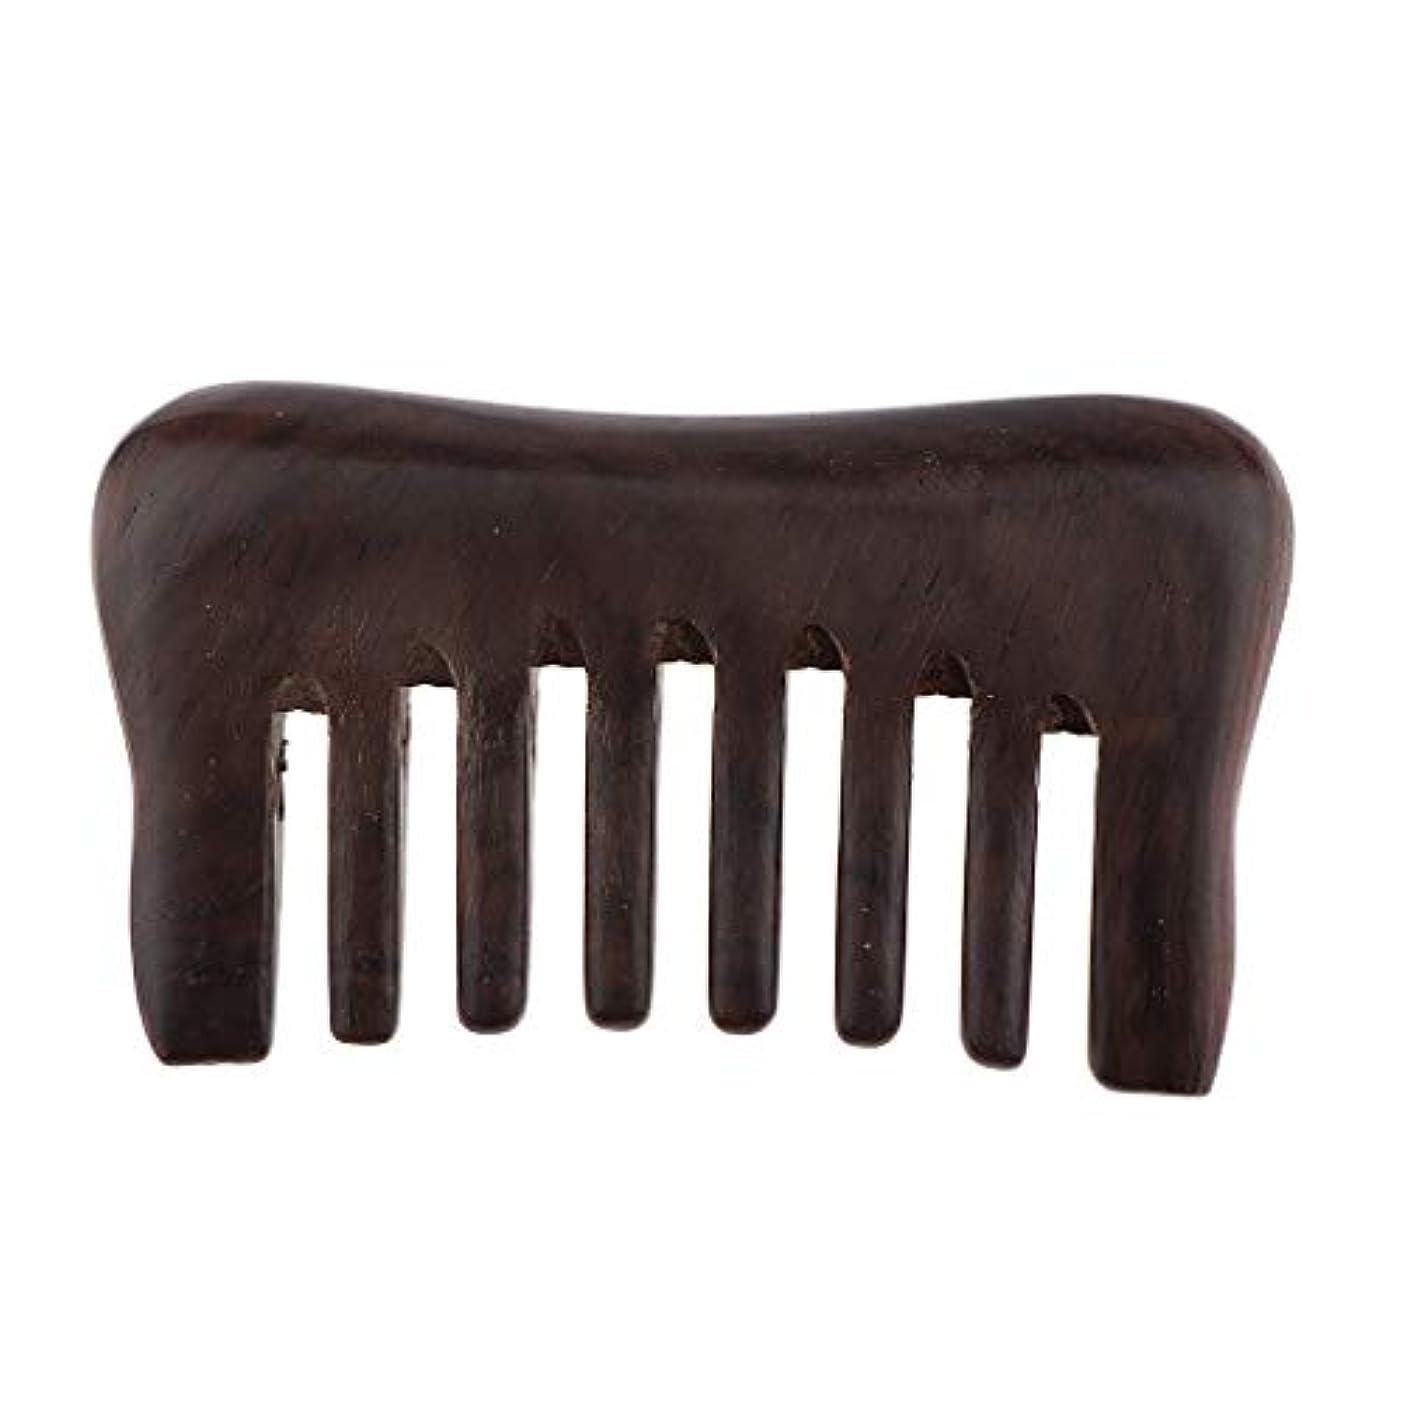 パケット混合したスノーケルヘアコーム 木製櫛 頭皮マッサージ ヘアブラシ 3色選べ - 黒檀